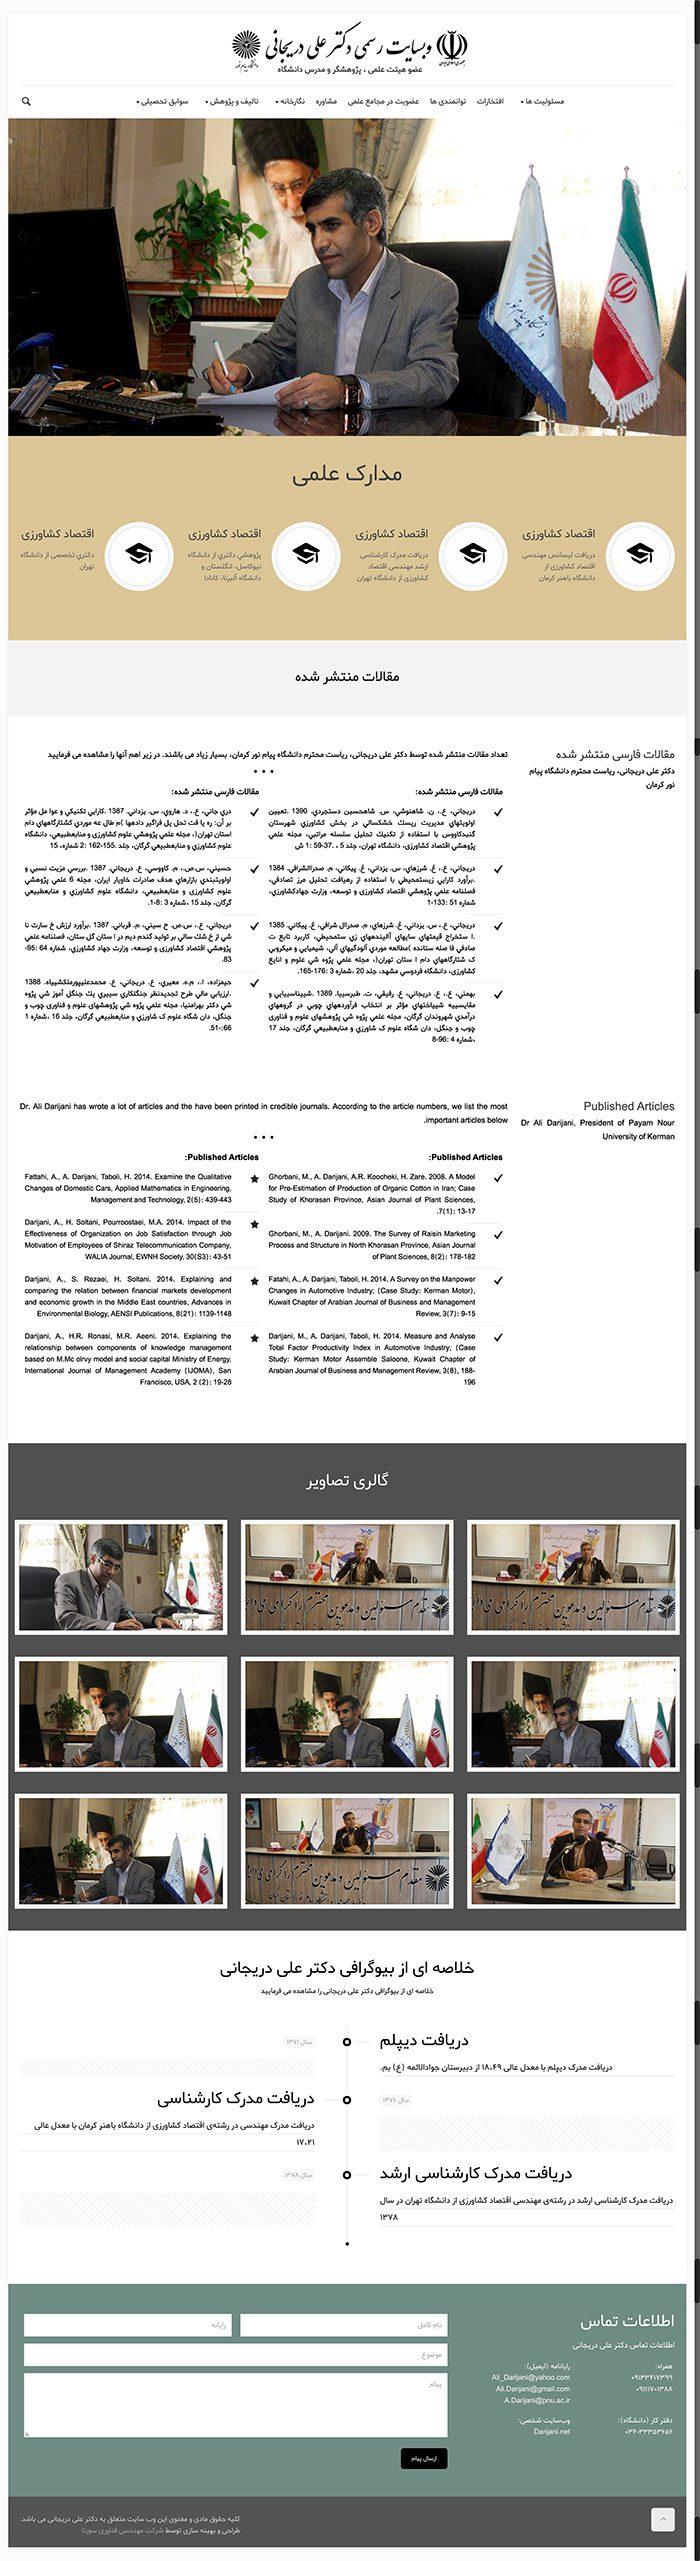 طراحی سایت دکتر دریجانی توسط شرکت طراحی سایت سورنا در کرمان